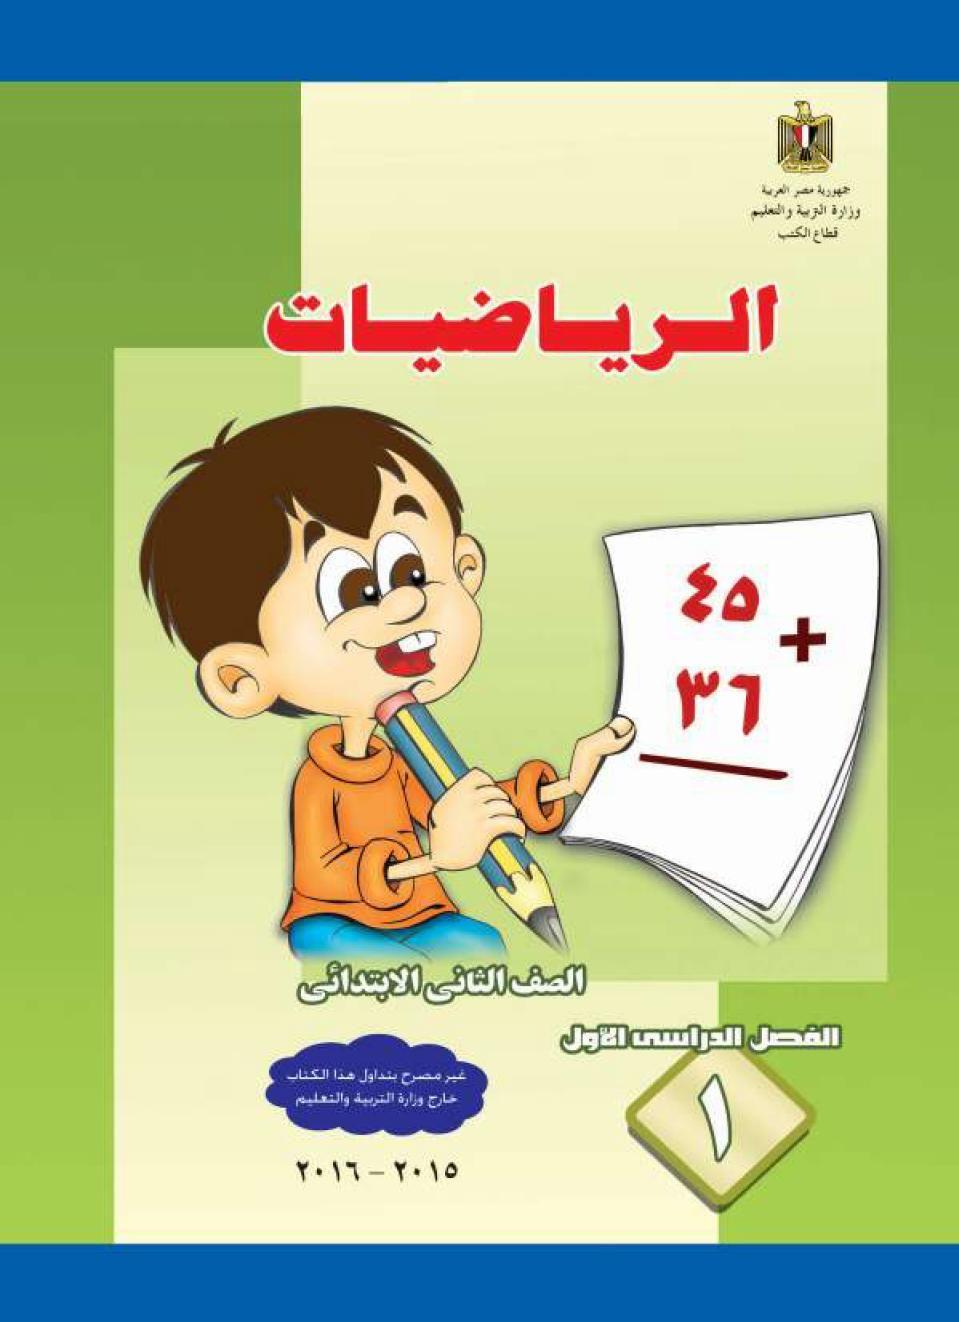 كتاب الرياضيات للصف الثانى الإبتدائي الترم الأول والثاني 2021